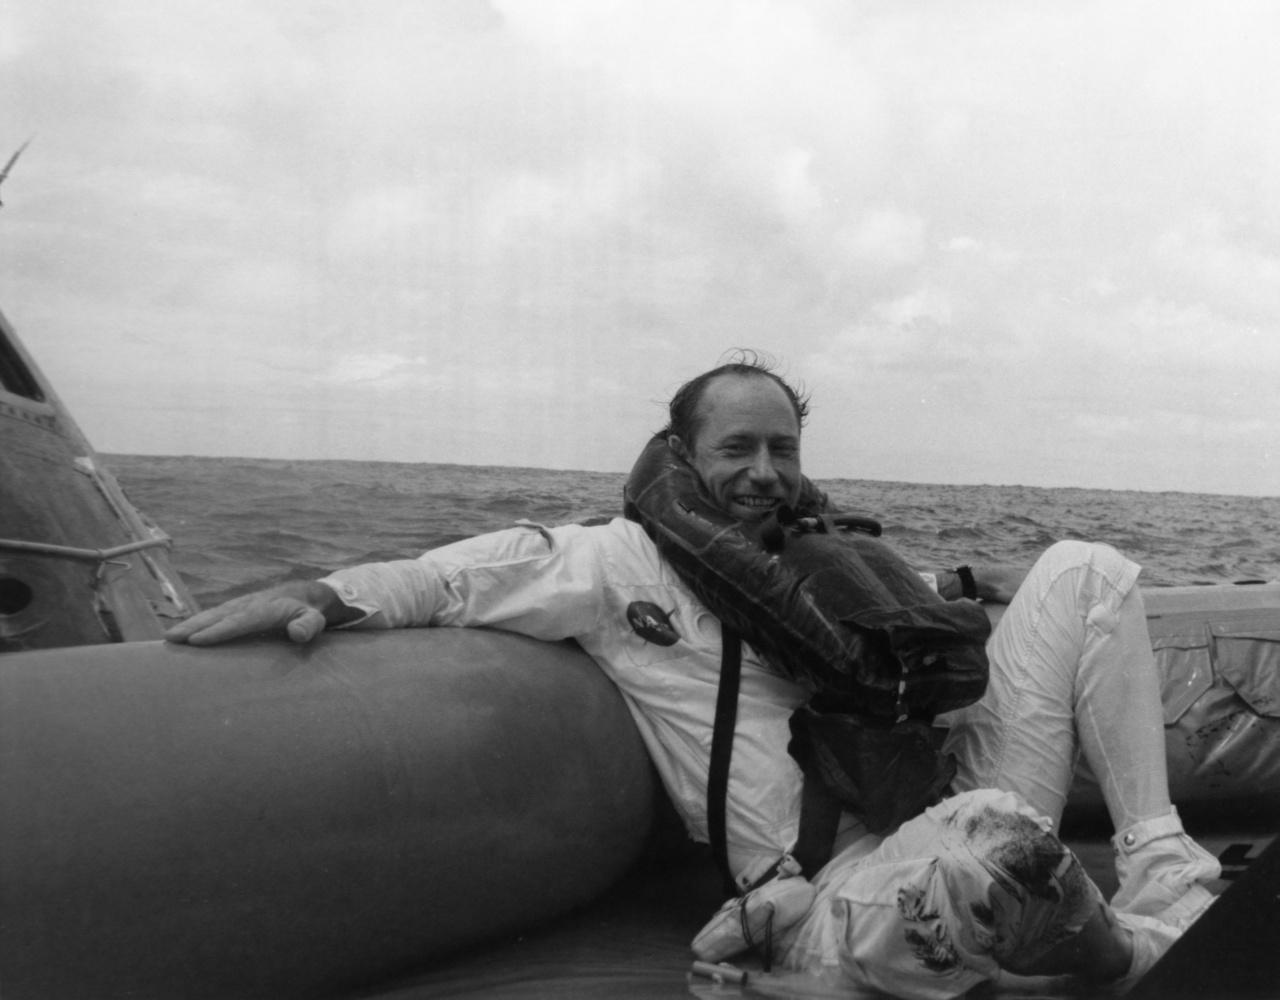 Az elmaradhatatlan Worden-mosoly az Apollo-15 visszatérése után, a mentőcsónakban ringatózva.